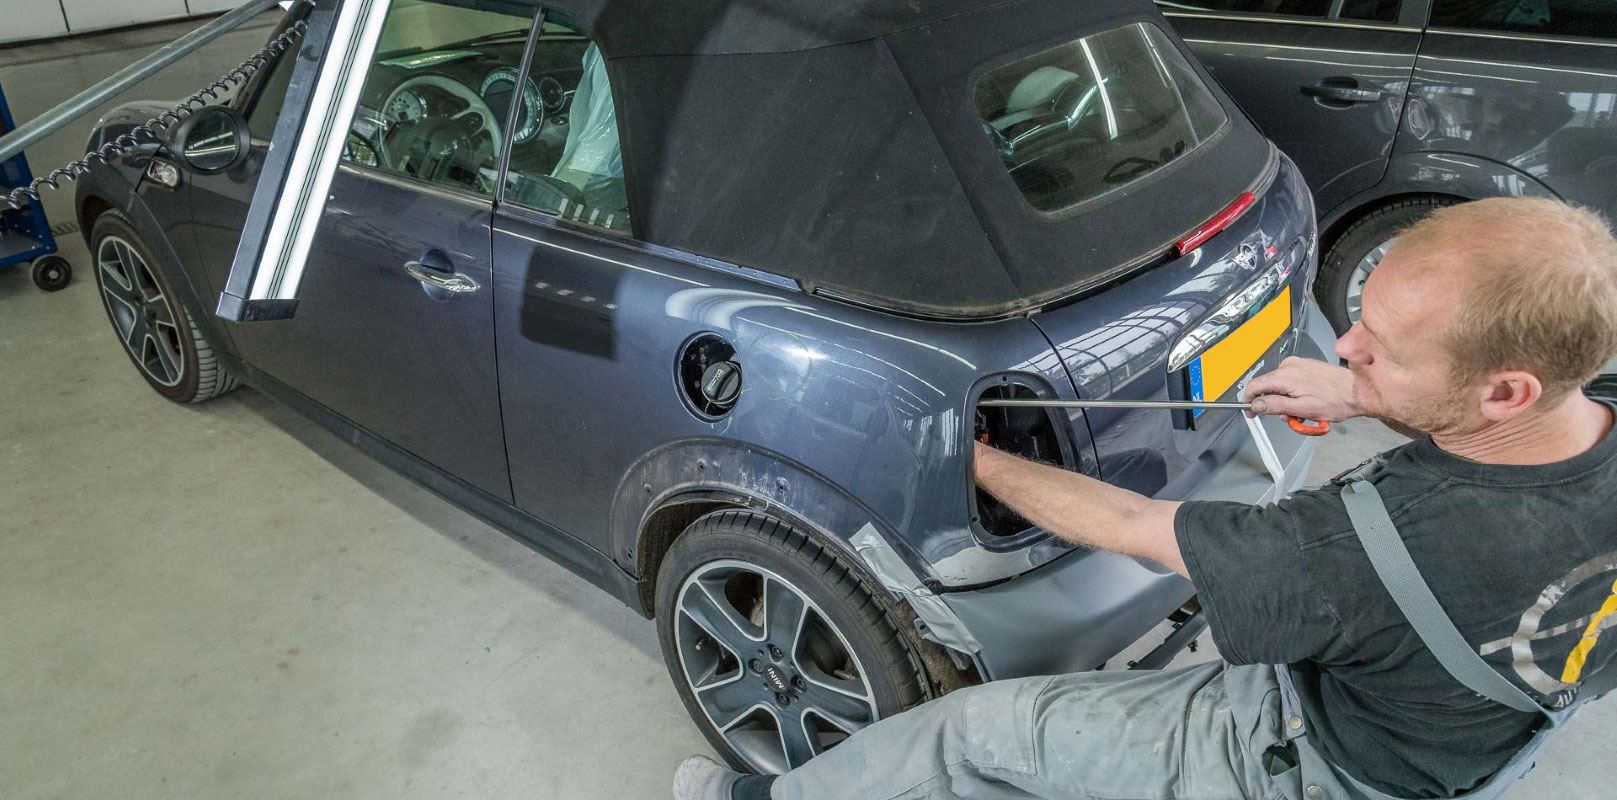 Autoschade Hartgerink - uitdeuken zonder spuiten